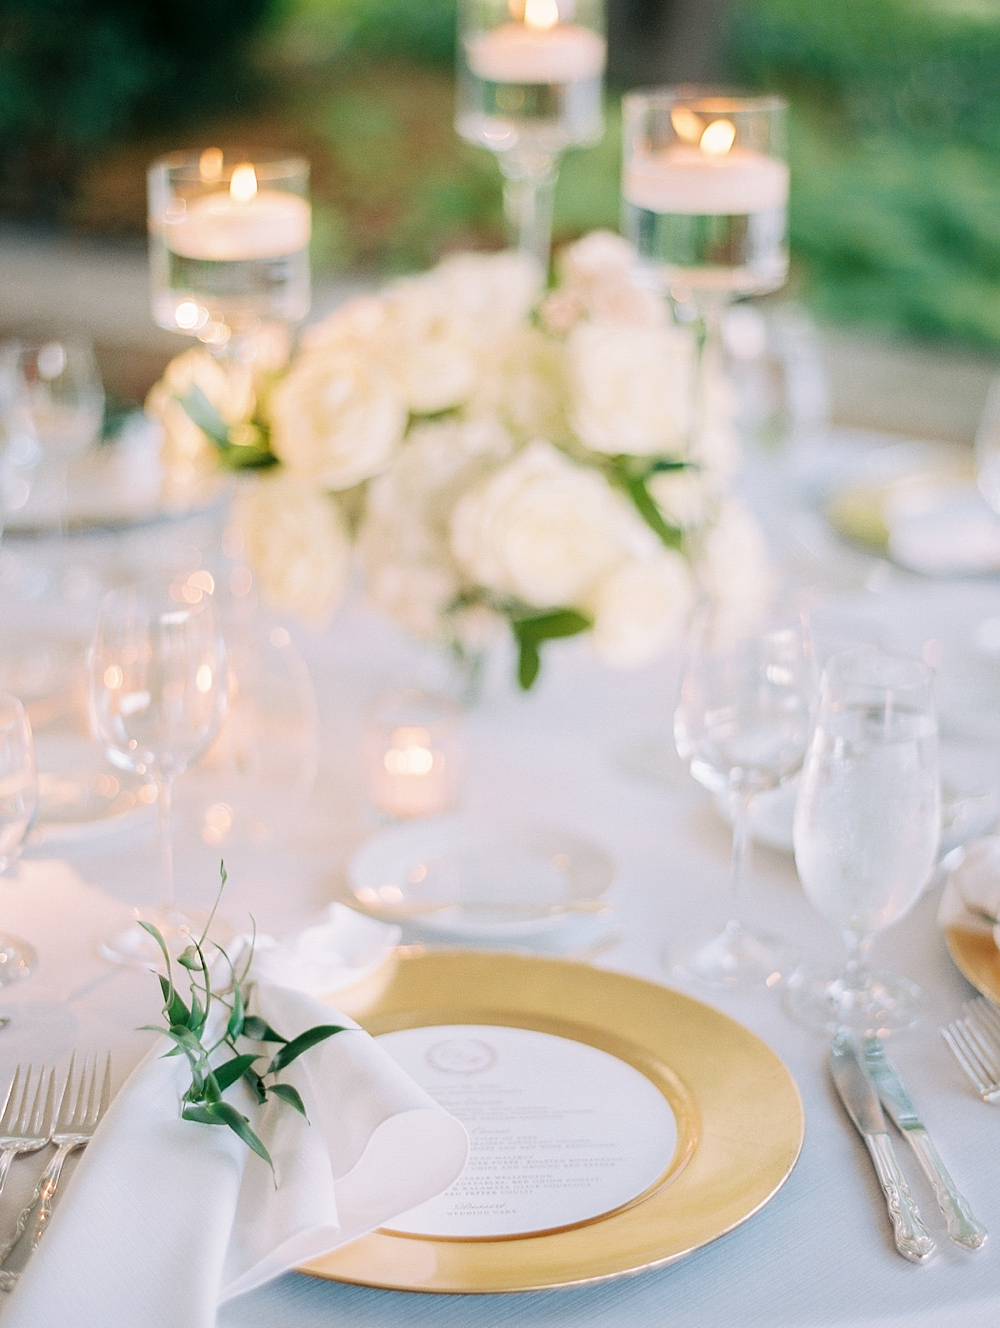 kristin-la-voie-photography-Chicago-Botanic-Garden-Wedding-8-29-21-356